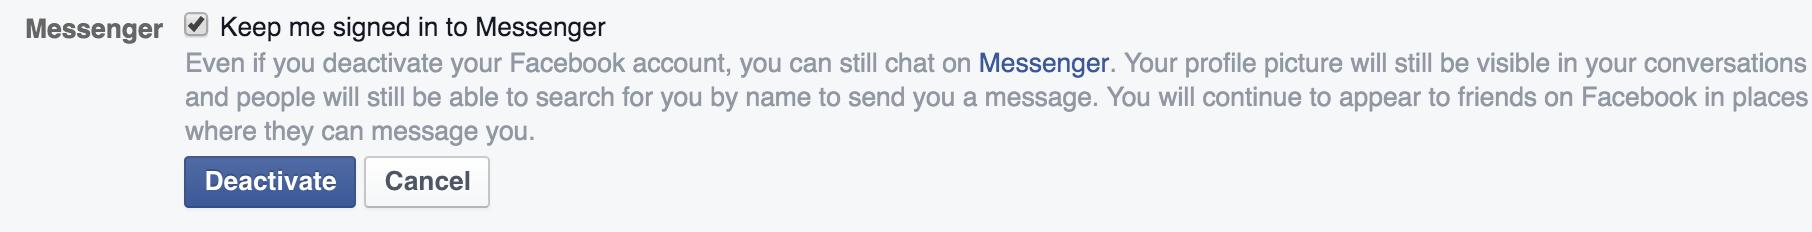 Facebook Messenger cho phép dùng liên kết ngắn để gửi tin